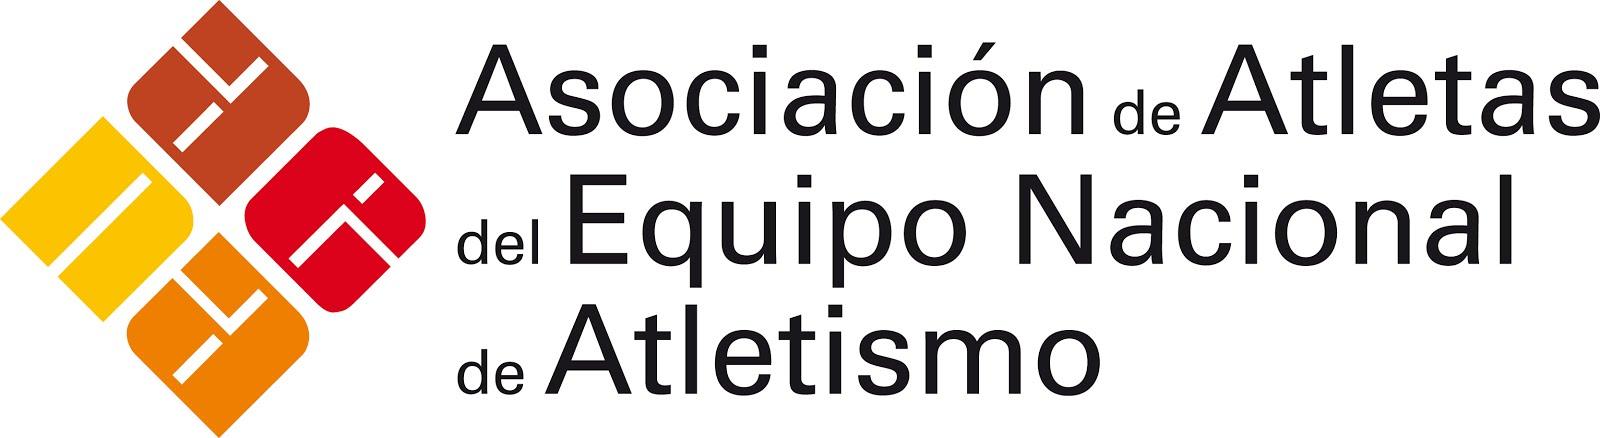 Asociación de Atletas